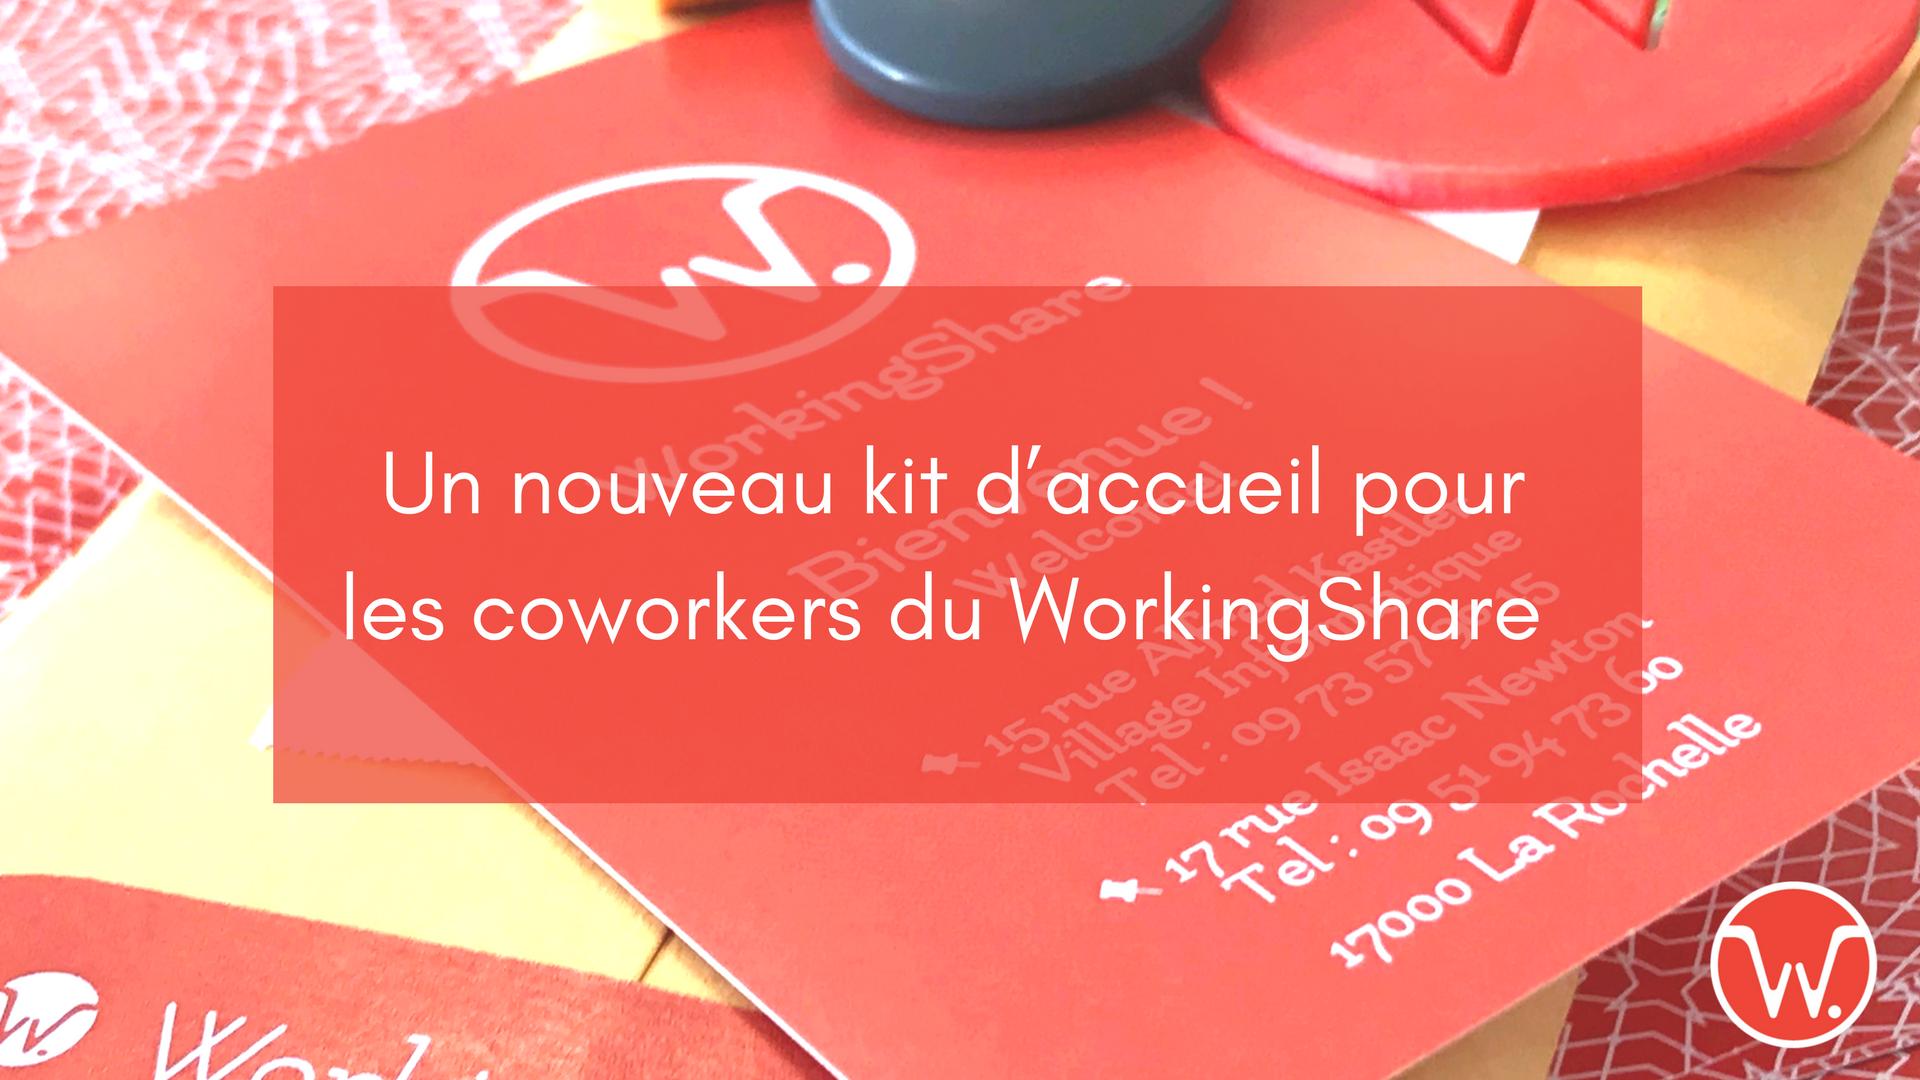 Un nouveau kit d'accueil pour les coworkers du WorkingShare